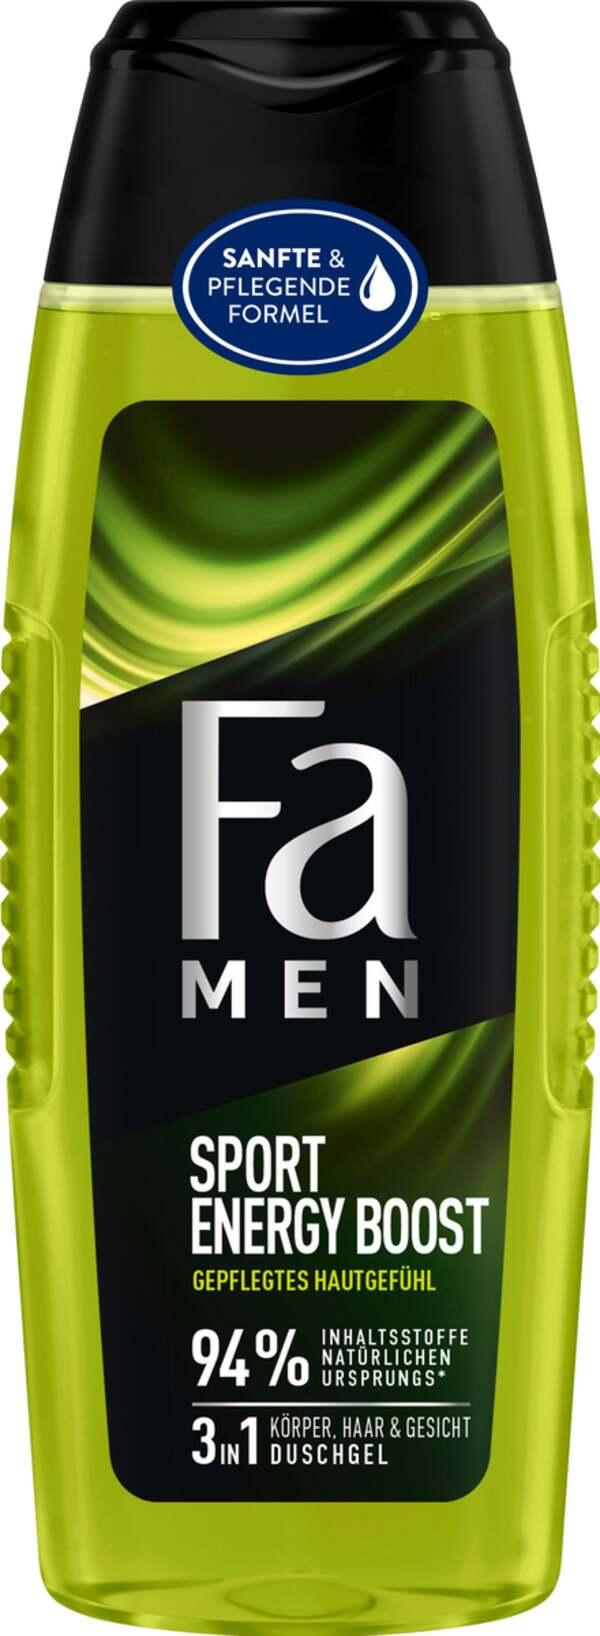 Fa Men 3in1 Körper, Haar & Gesicht Duschgel Sport Energy Boost